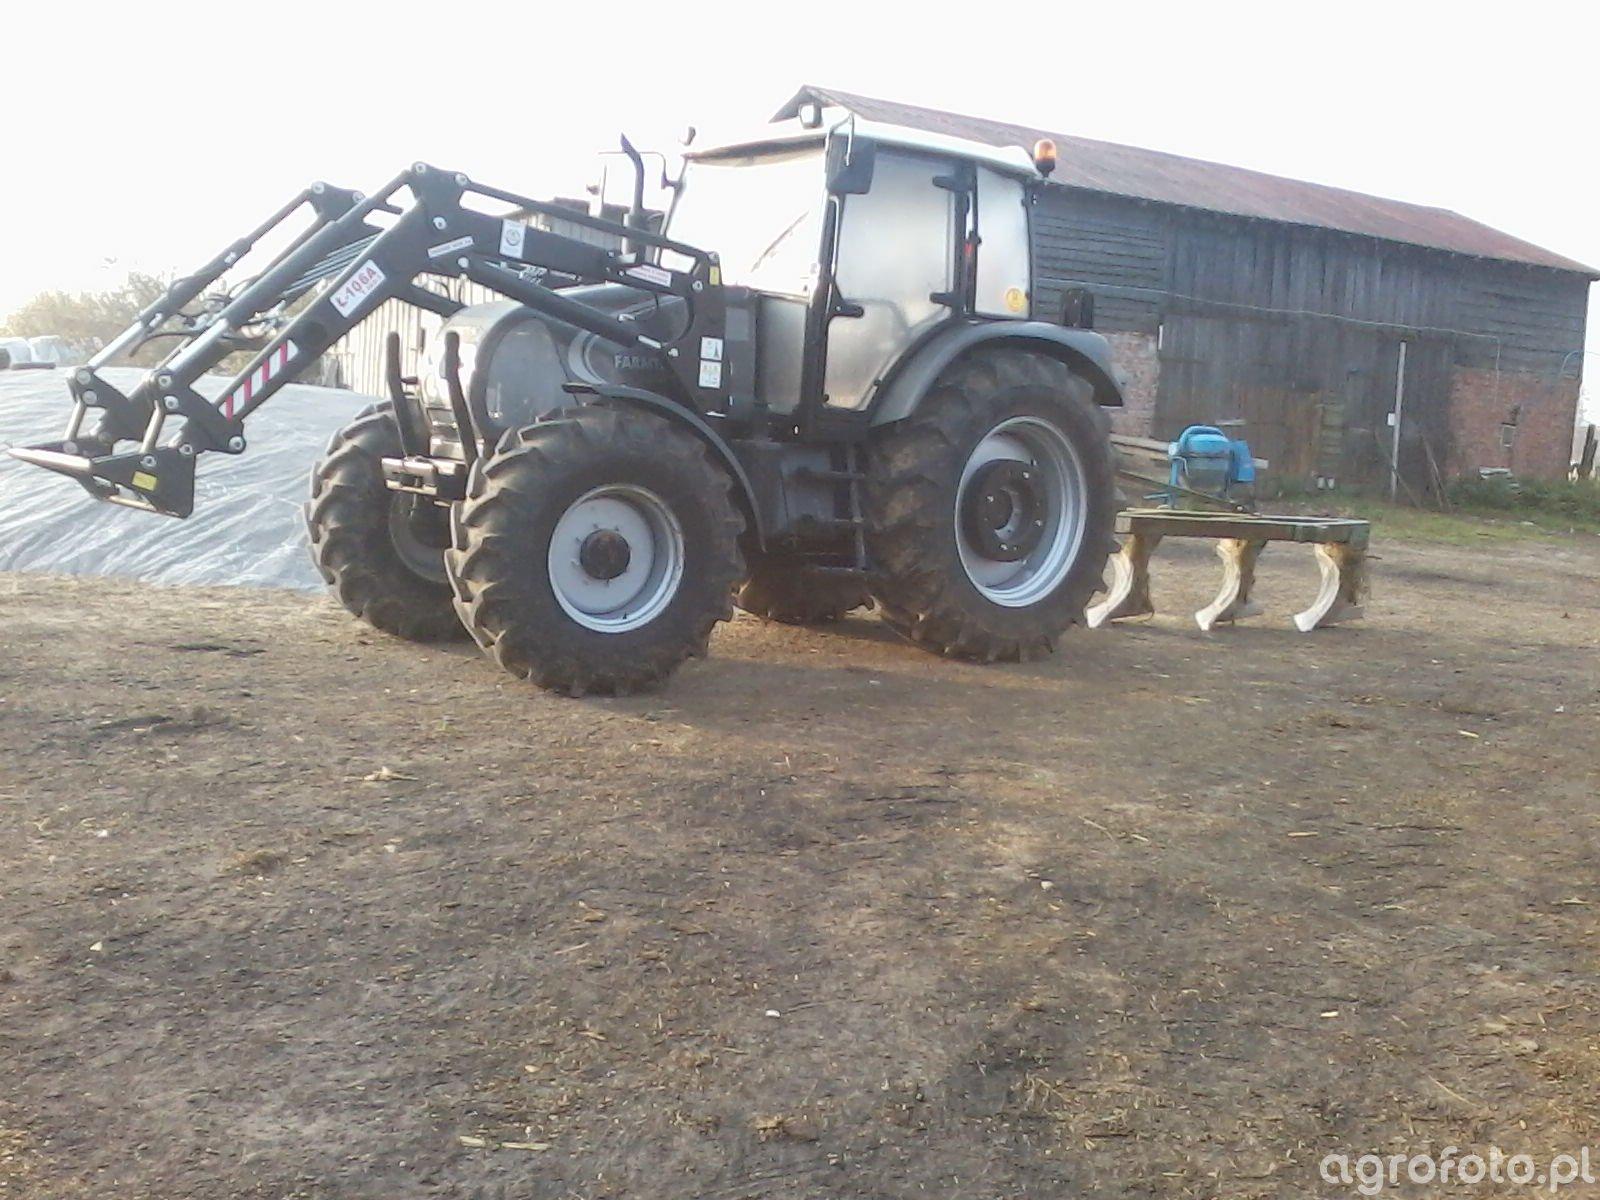 Farmtrac Mazur 7110DT + Pług zagonowy